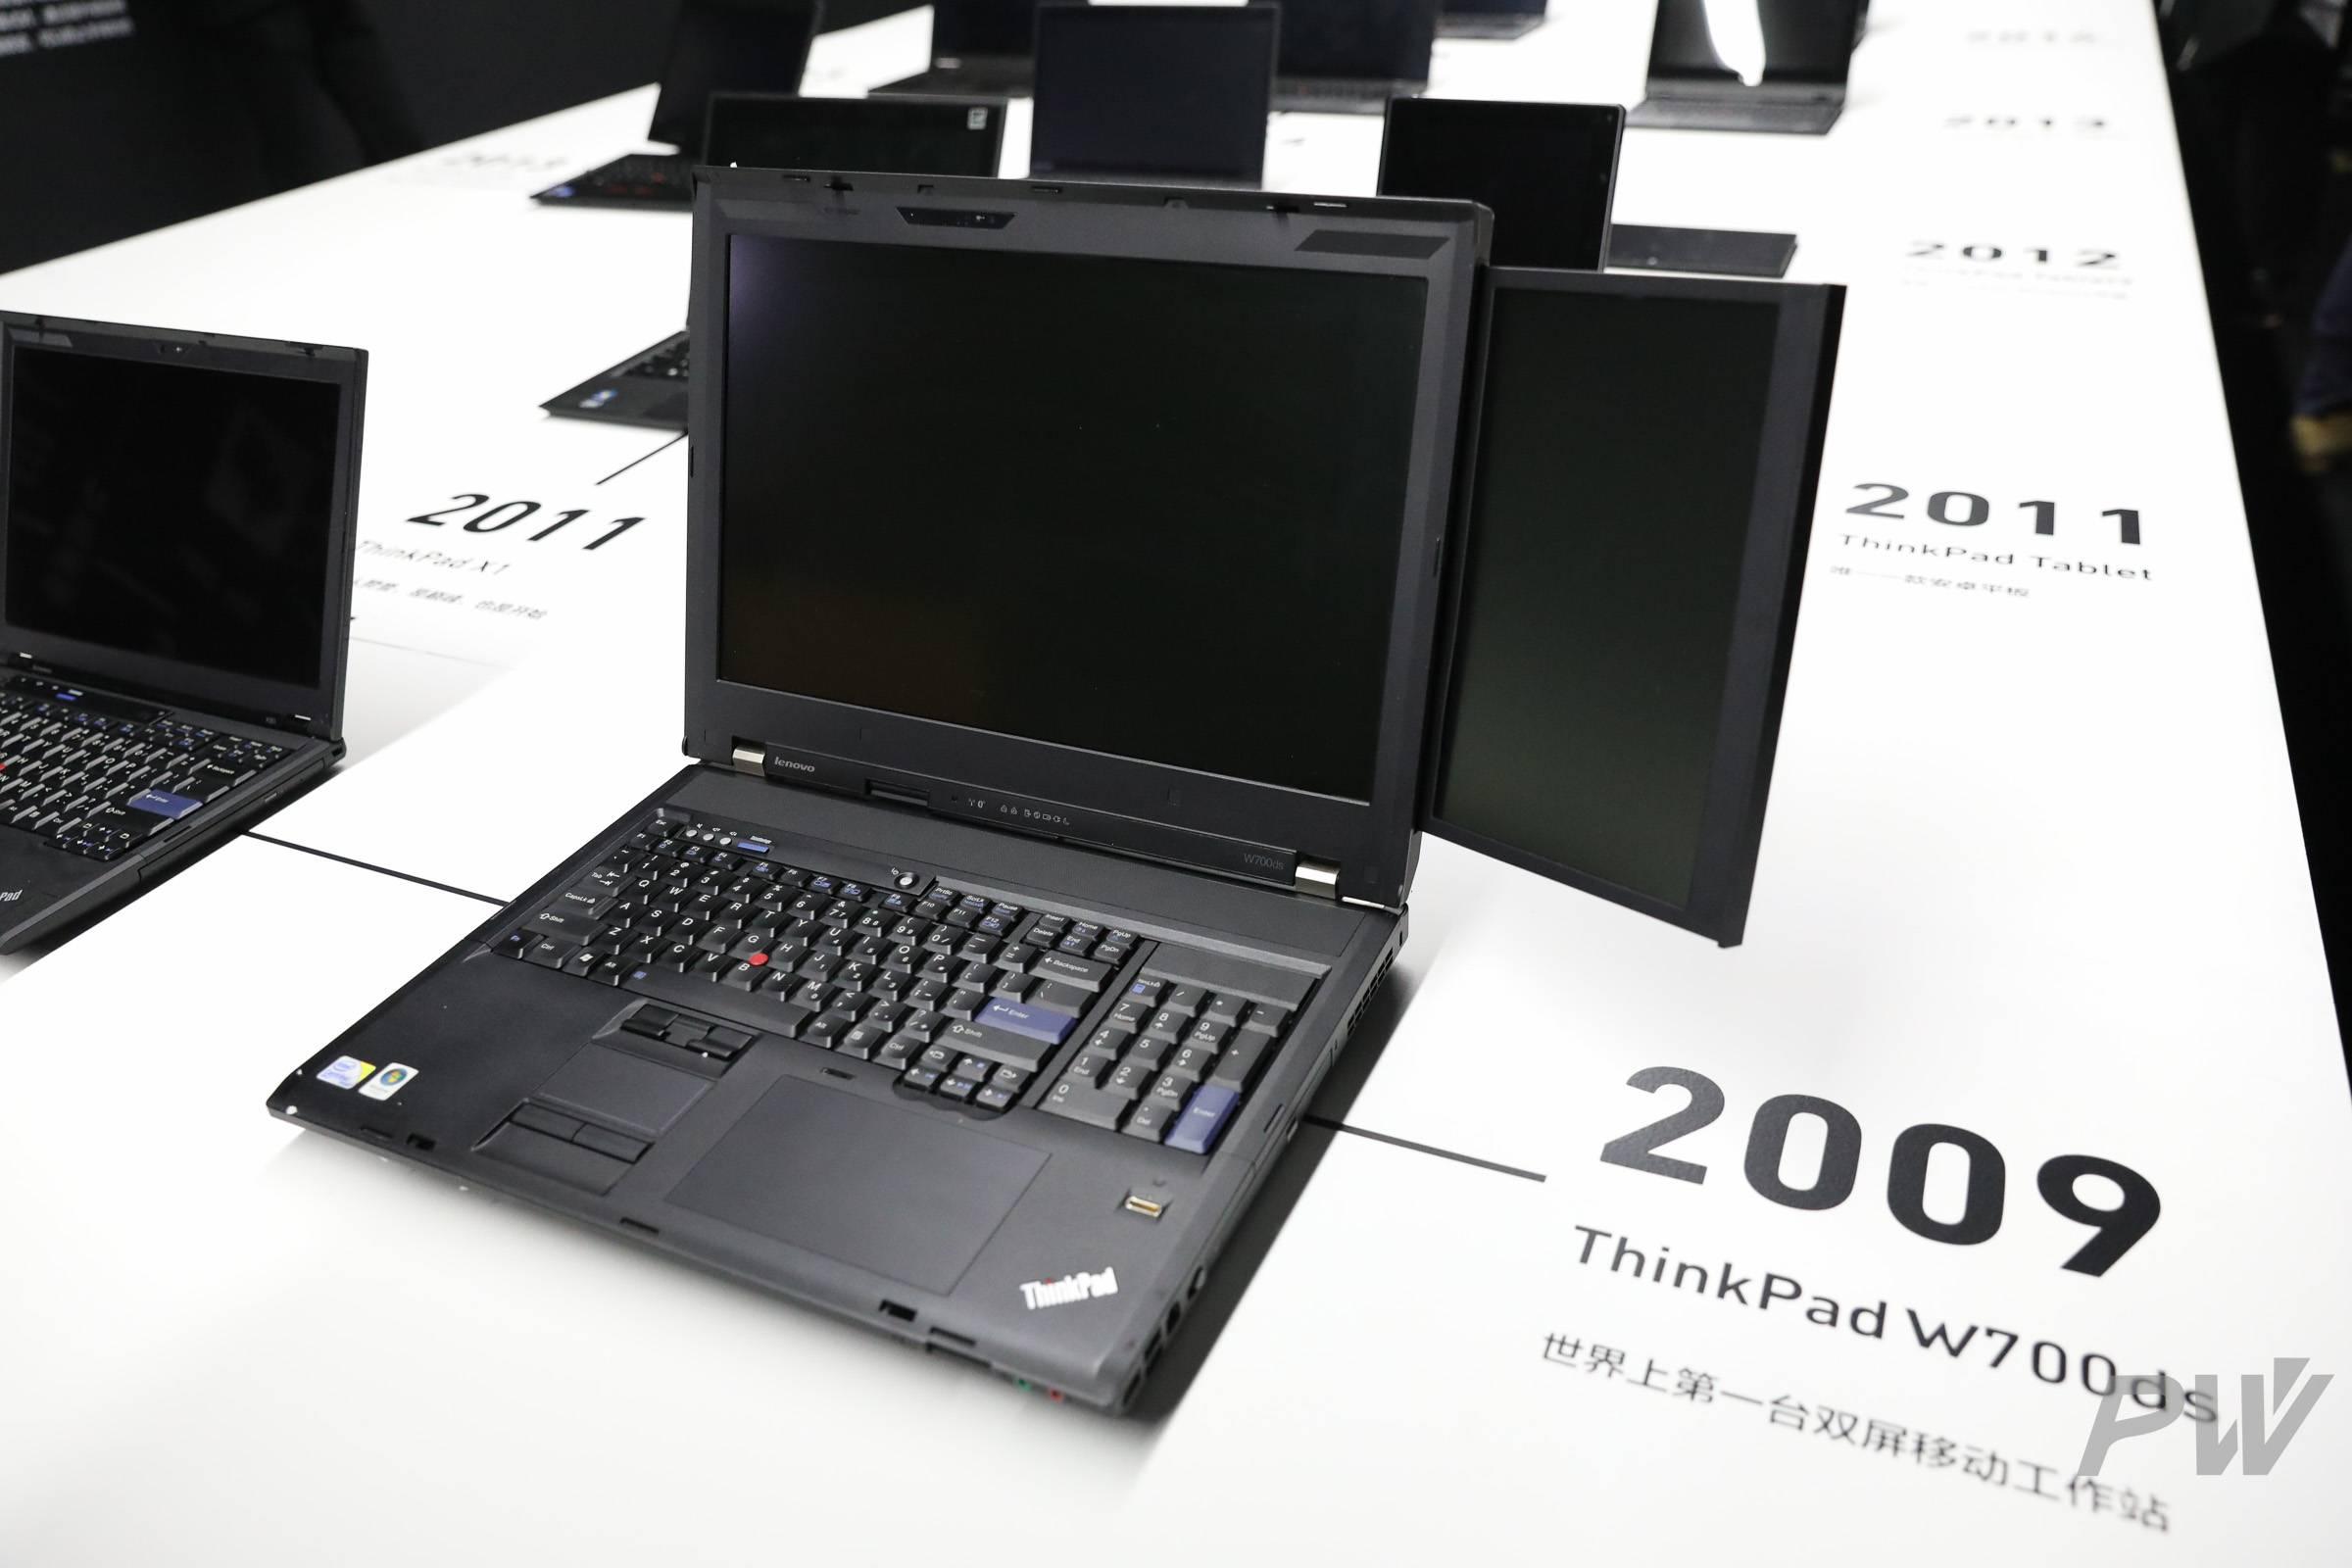 ThinkPad W700ds,双屏工作站。